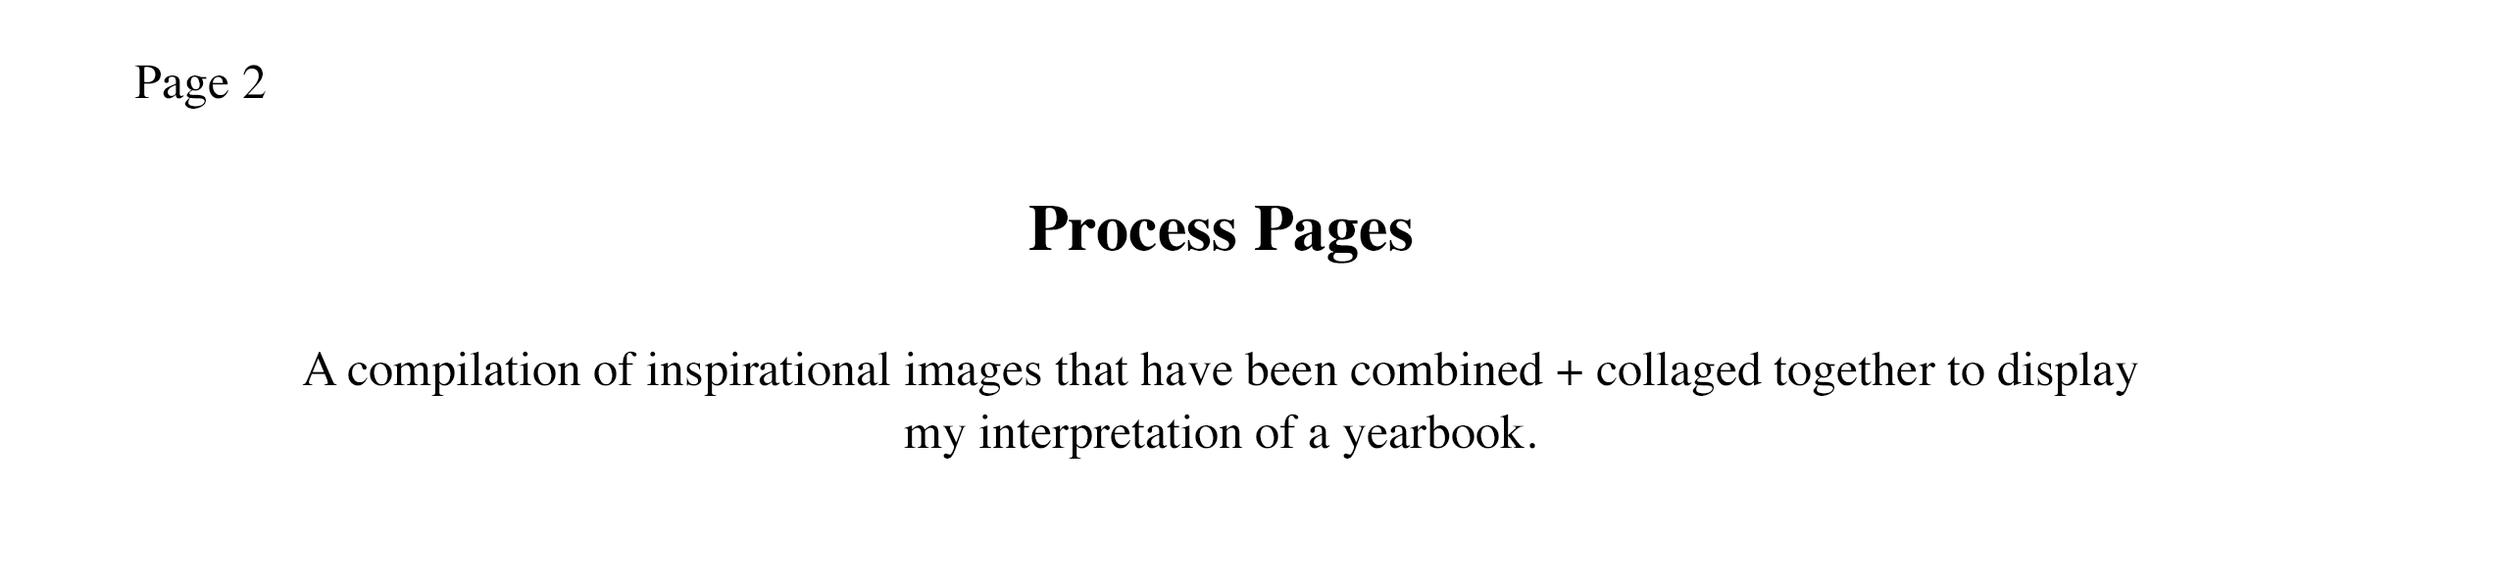 processpage- description.png